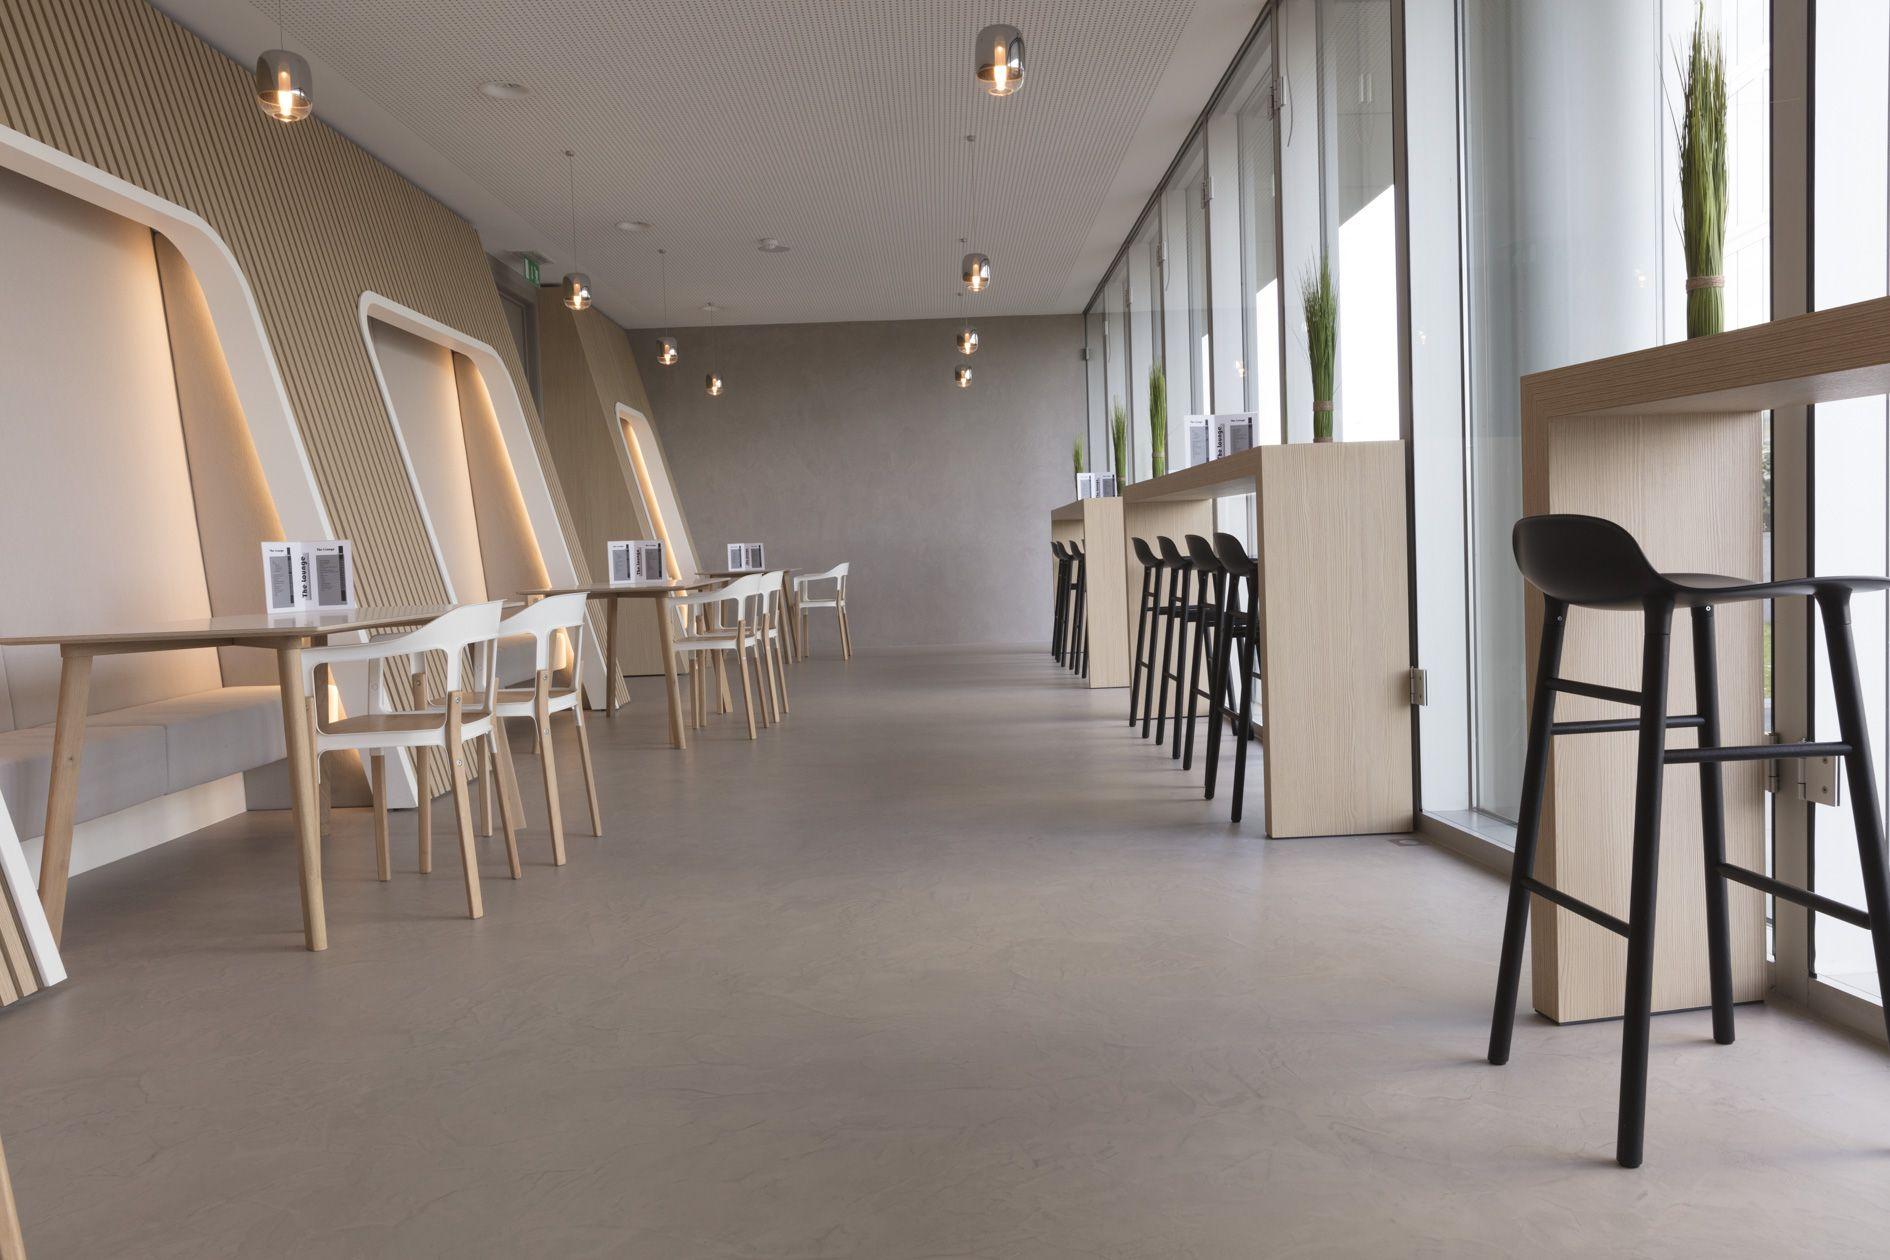 Marvelous Eurocol BetonDesign   Home   Belgium Zaventem   Concrete Design   Concrete  Interior   Amaris  